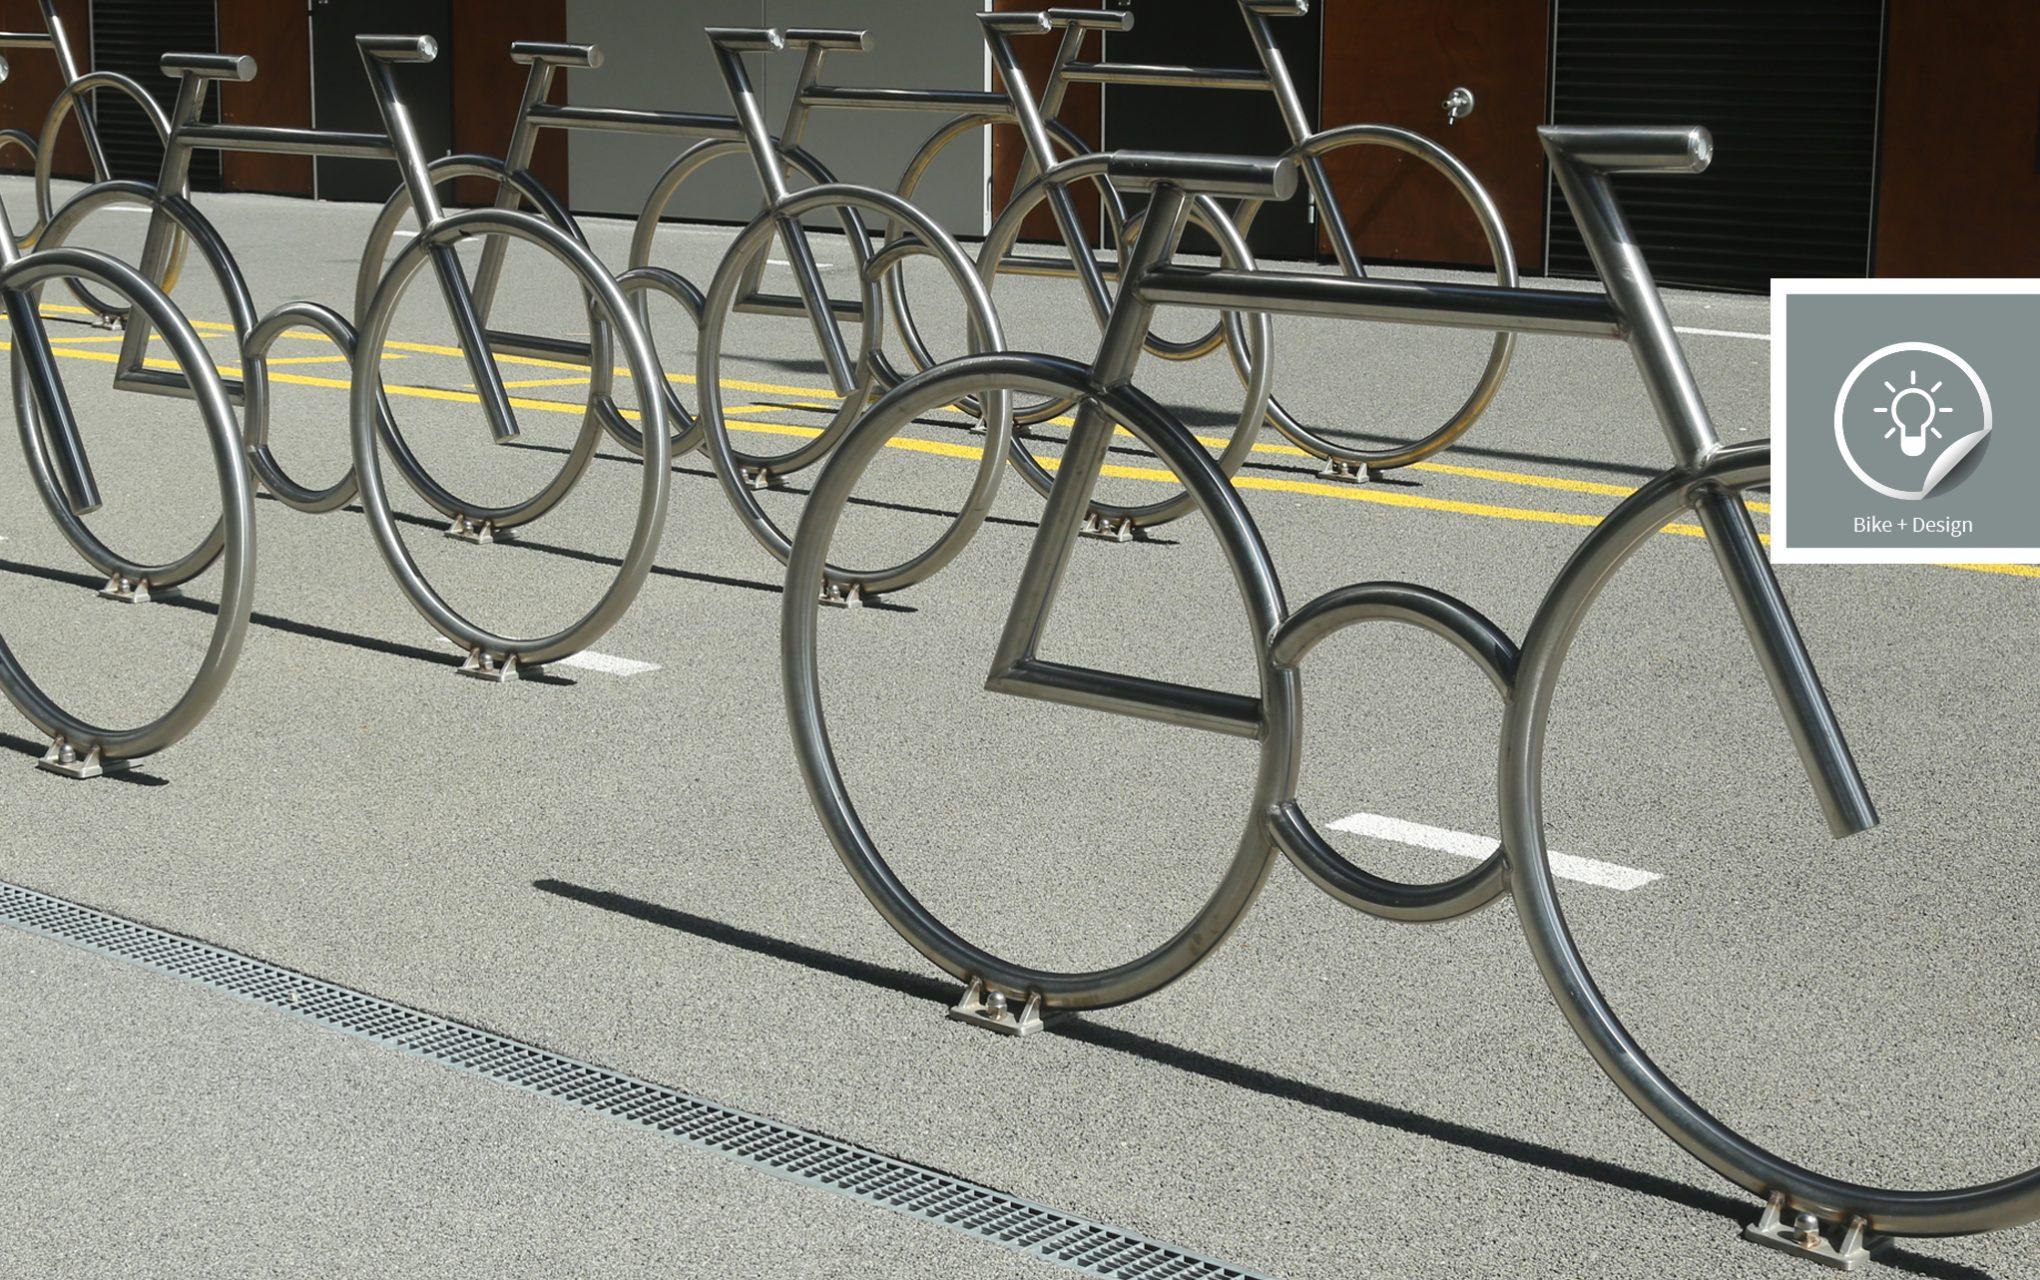 Bike + Design